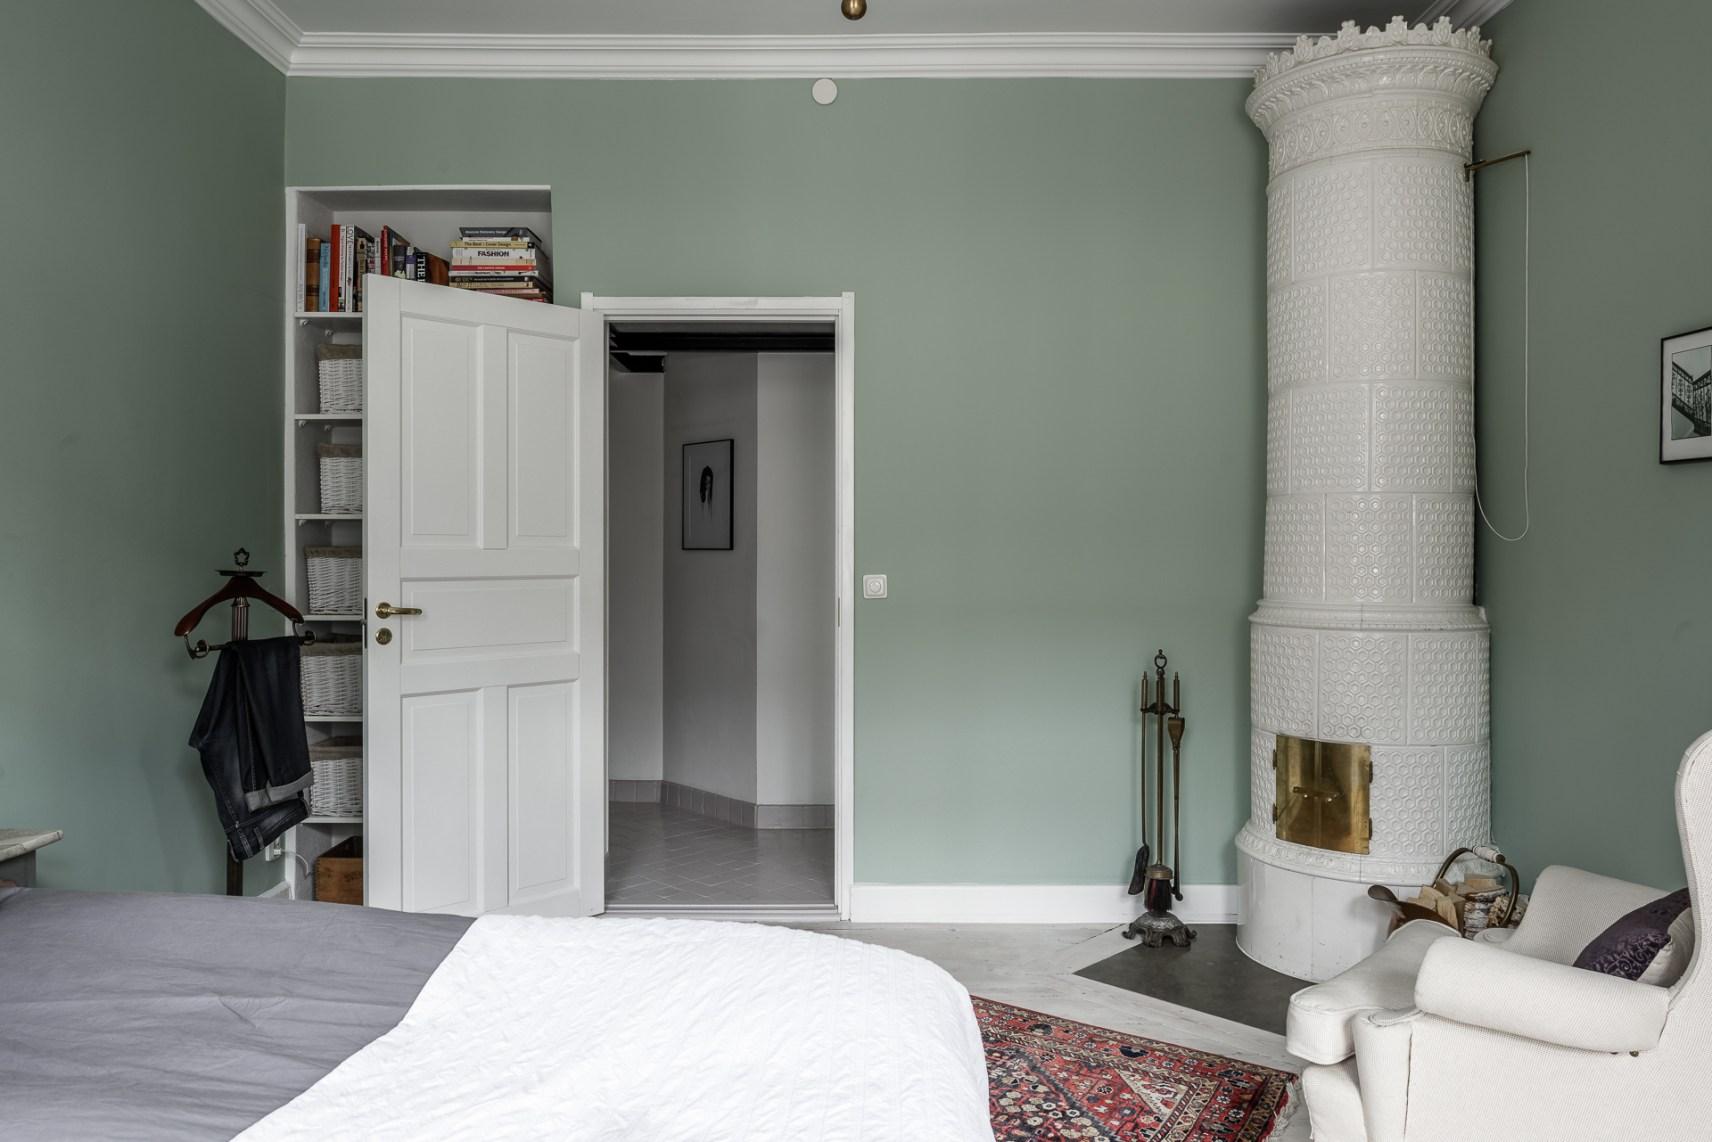 спальня дверь ниша полки книги печь потолочный карниз